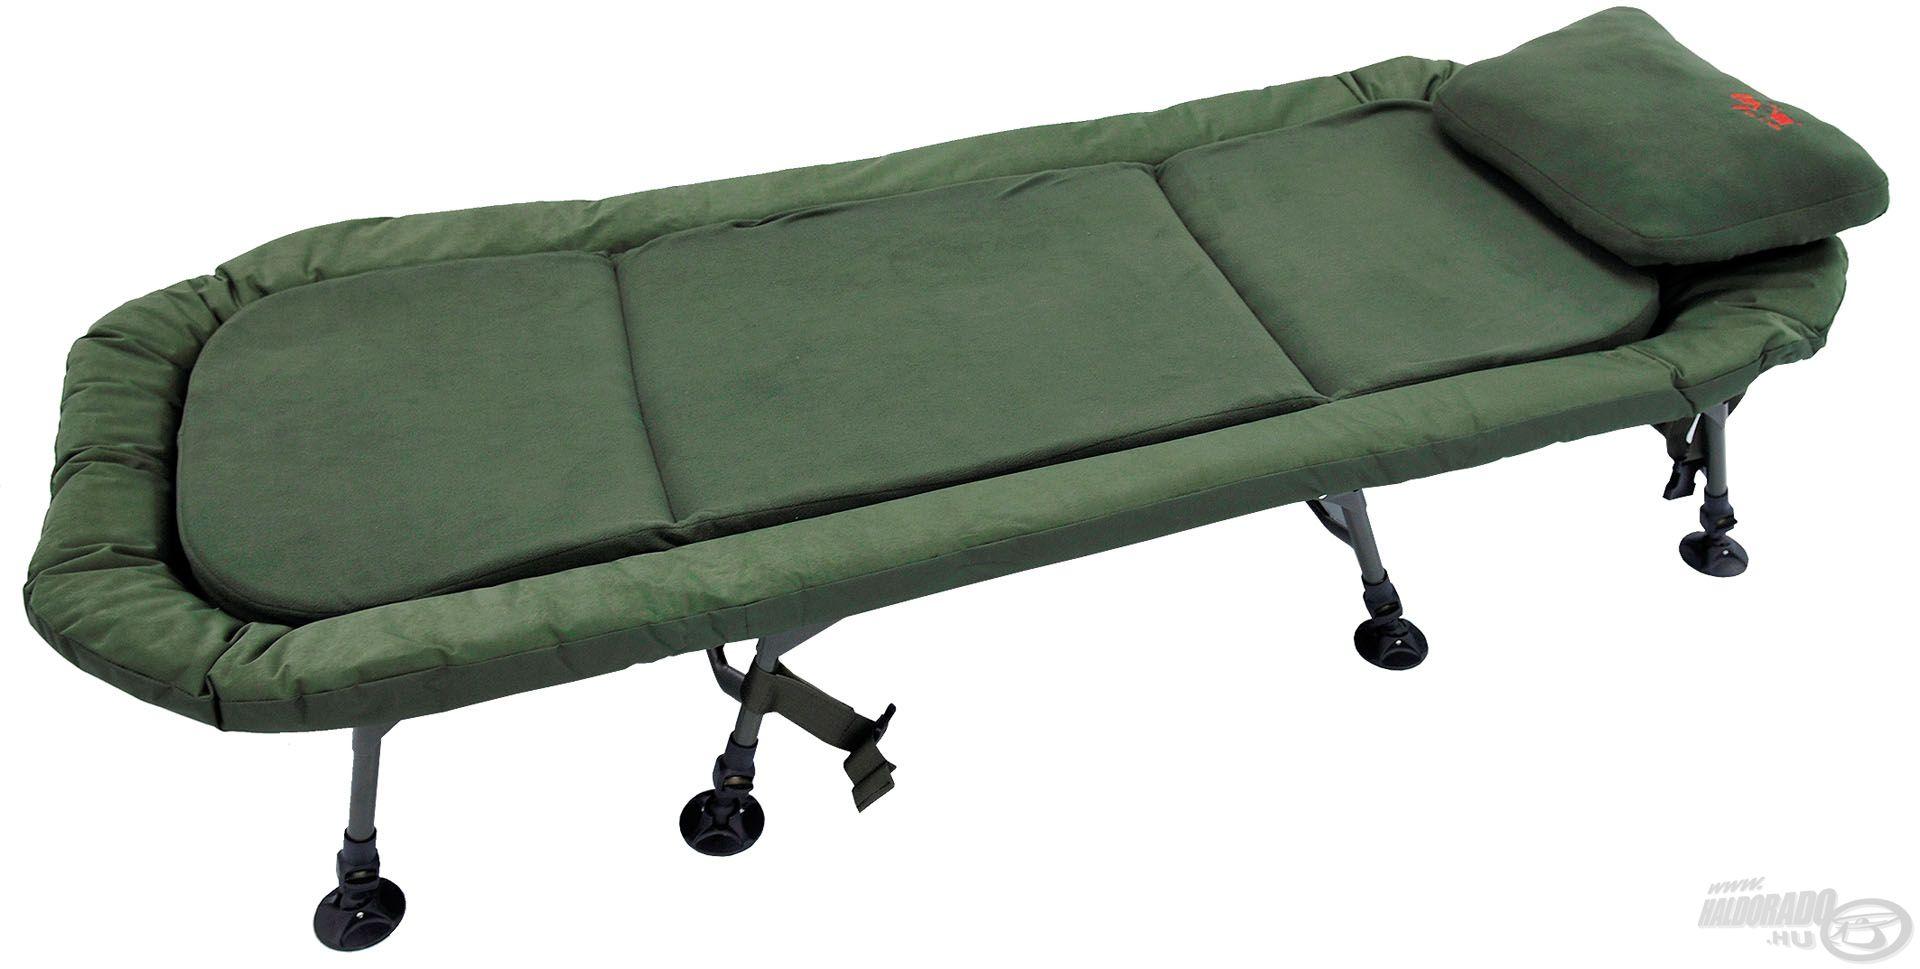 Rendkívül kényelmes, prémium kivitelű bojlis ágy